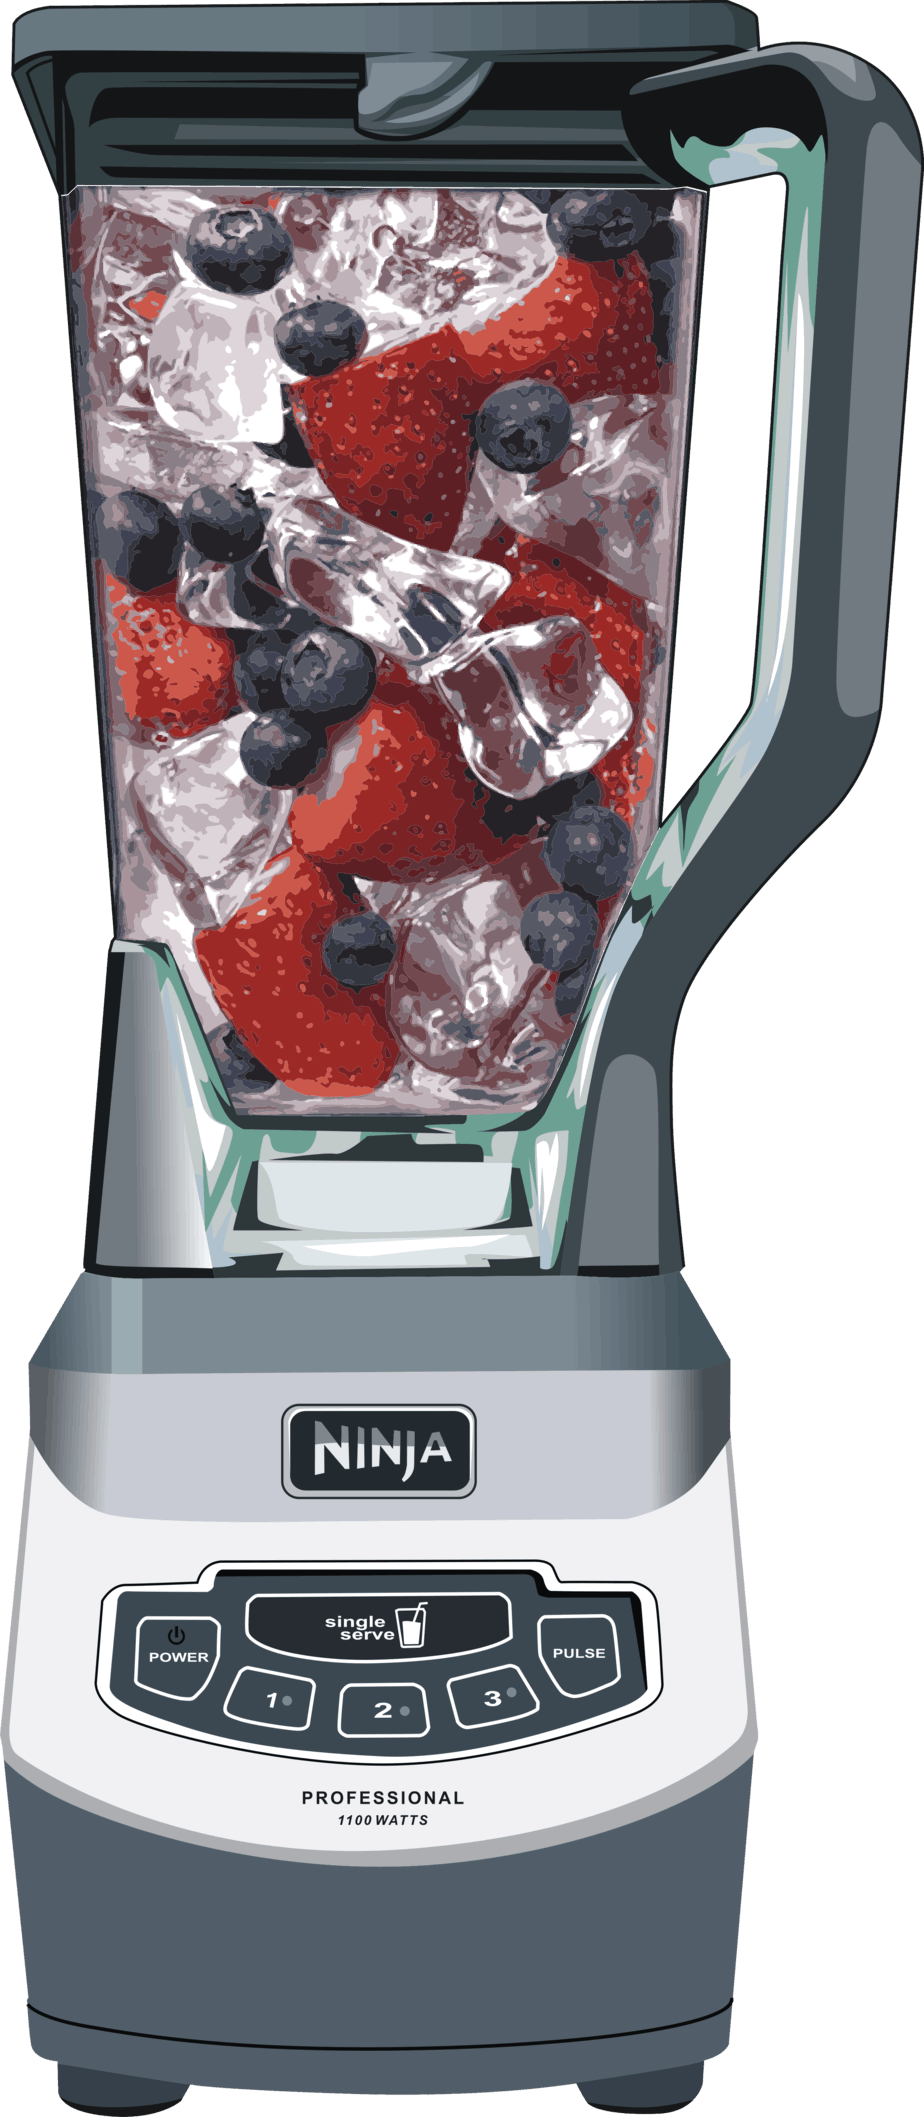 Ninja Blender 4